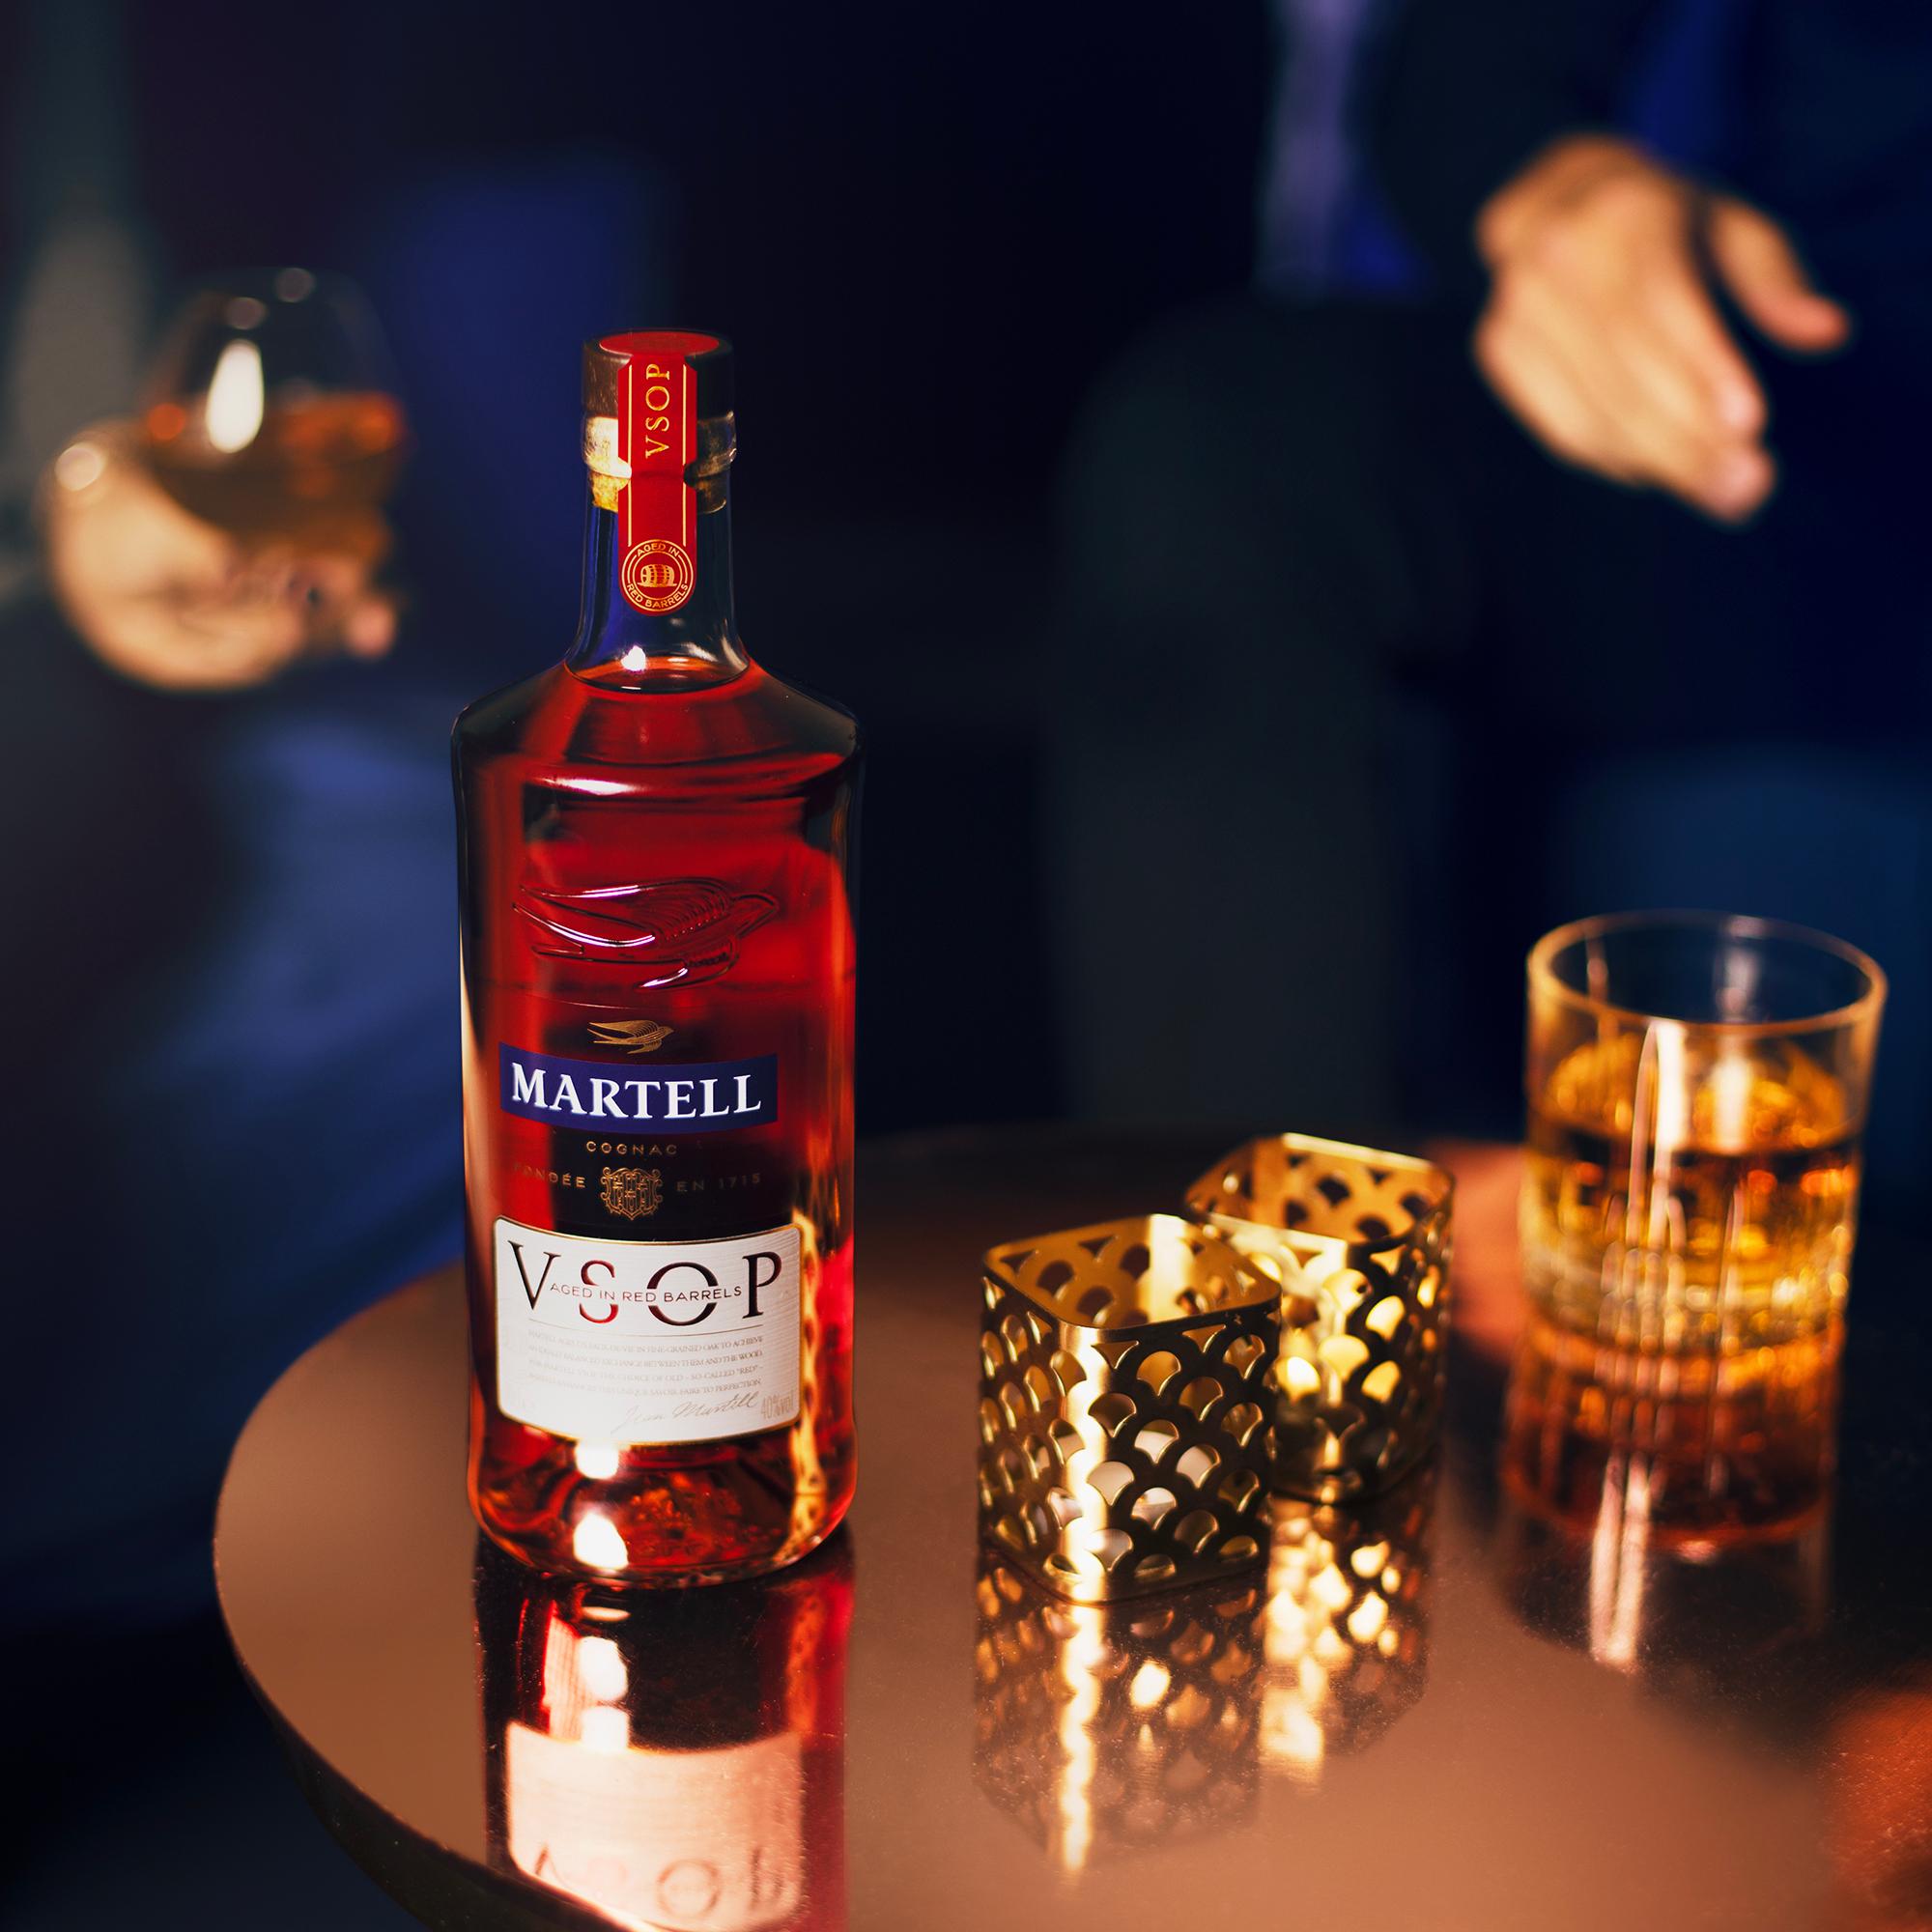 home bar bottles martell VSOP